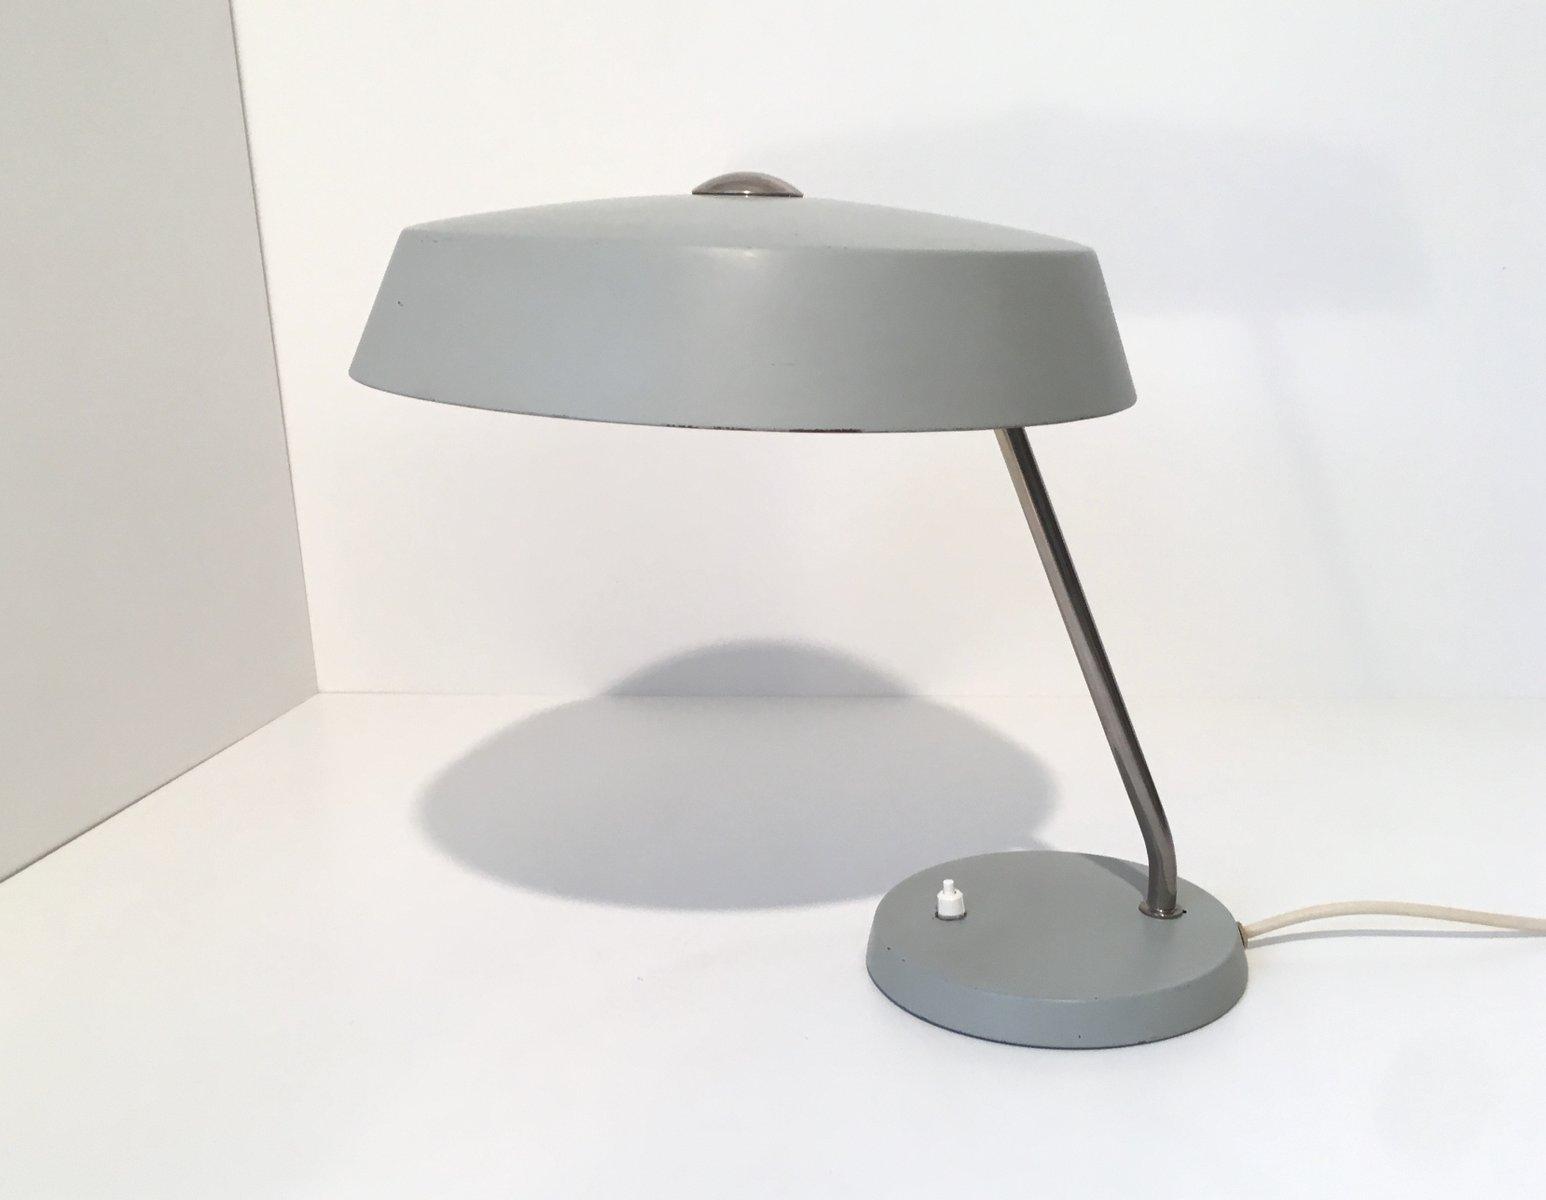 graue bauhaus tischlampe 1960er bei pamono kaufen. Black Bedroom Furniture Sets. Home Design Ideas